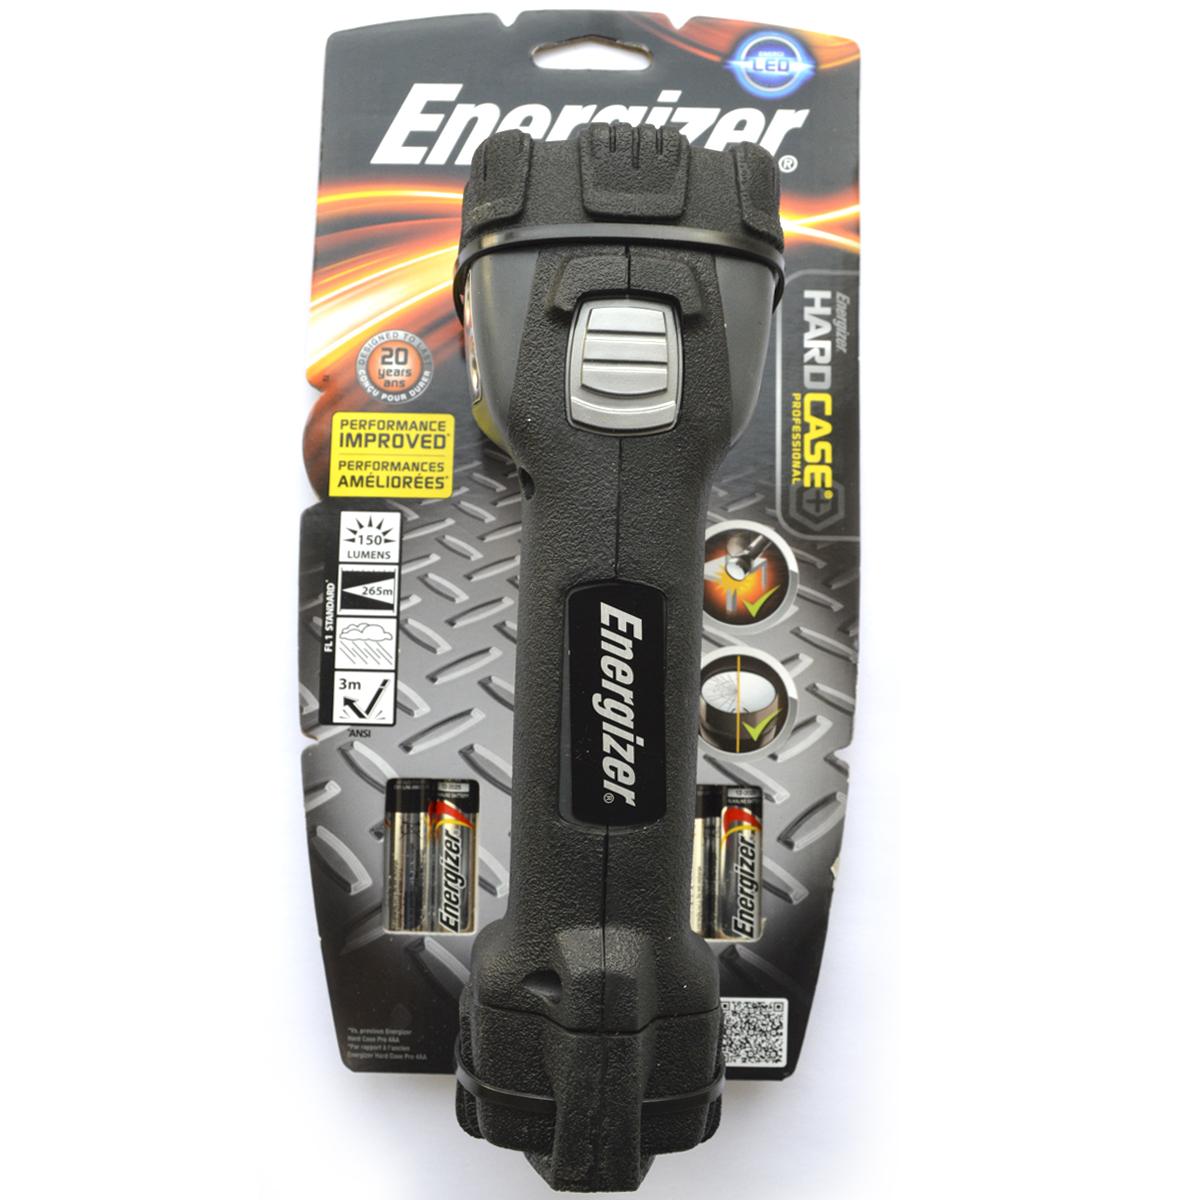 Фонарь ручной Energizer HardCase Pro 1LED. 638532638532Яркий белый точечный светодиод создает мощный узконаправленный лучВысокая ударопрочностьБезосколочные линзы – небьющийсяЧрезвычайно длительный срок службы – рассчитан на 15 летРаботает от 4 щелочных батареек типоразмера AA (в комплекте)